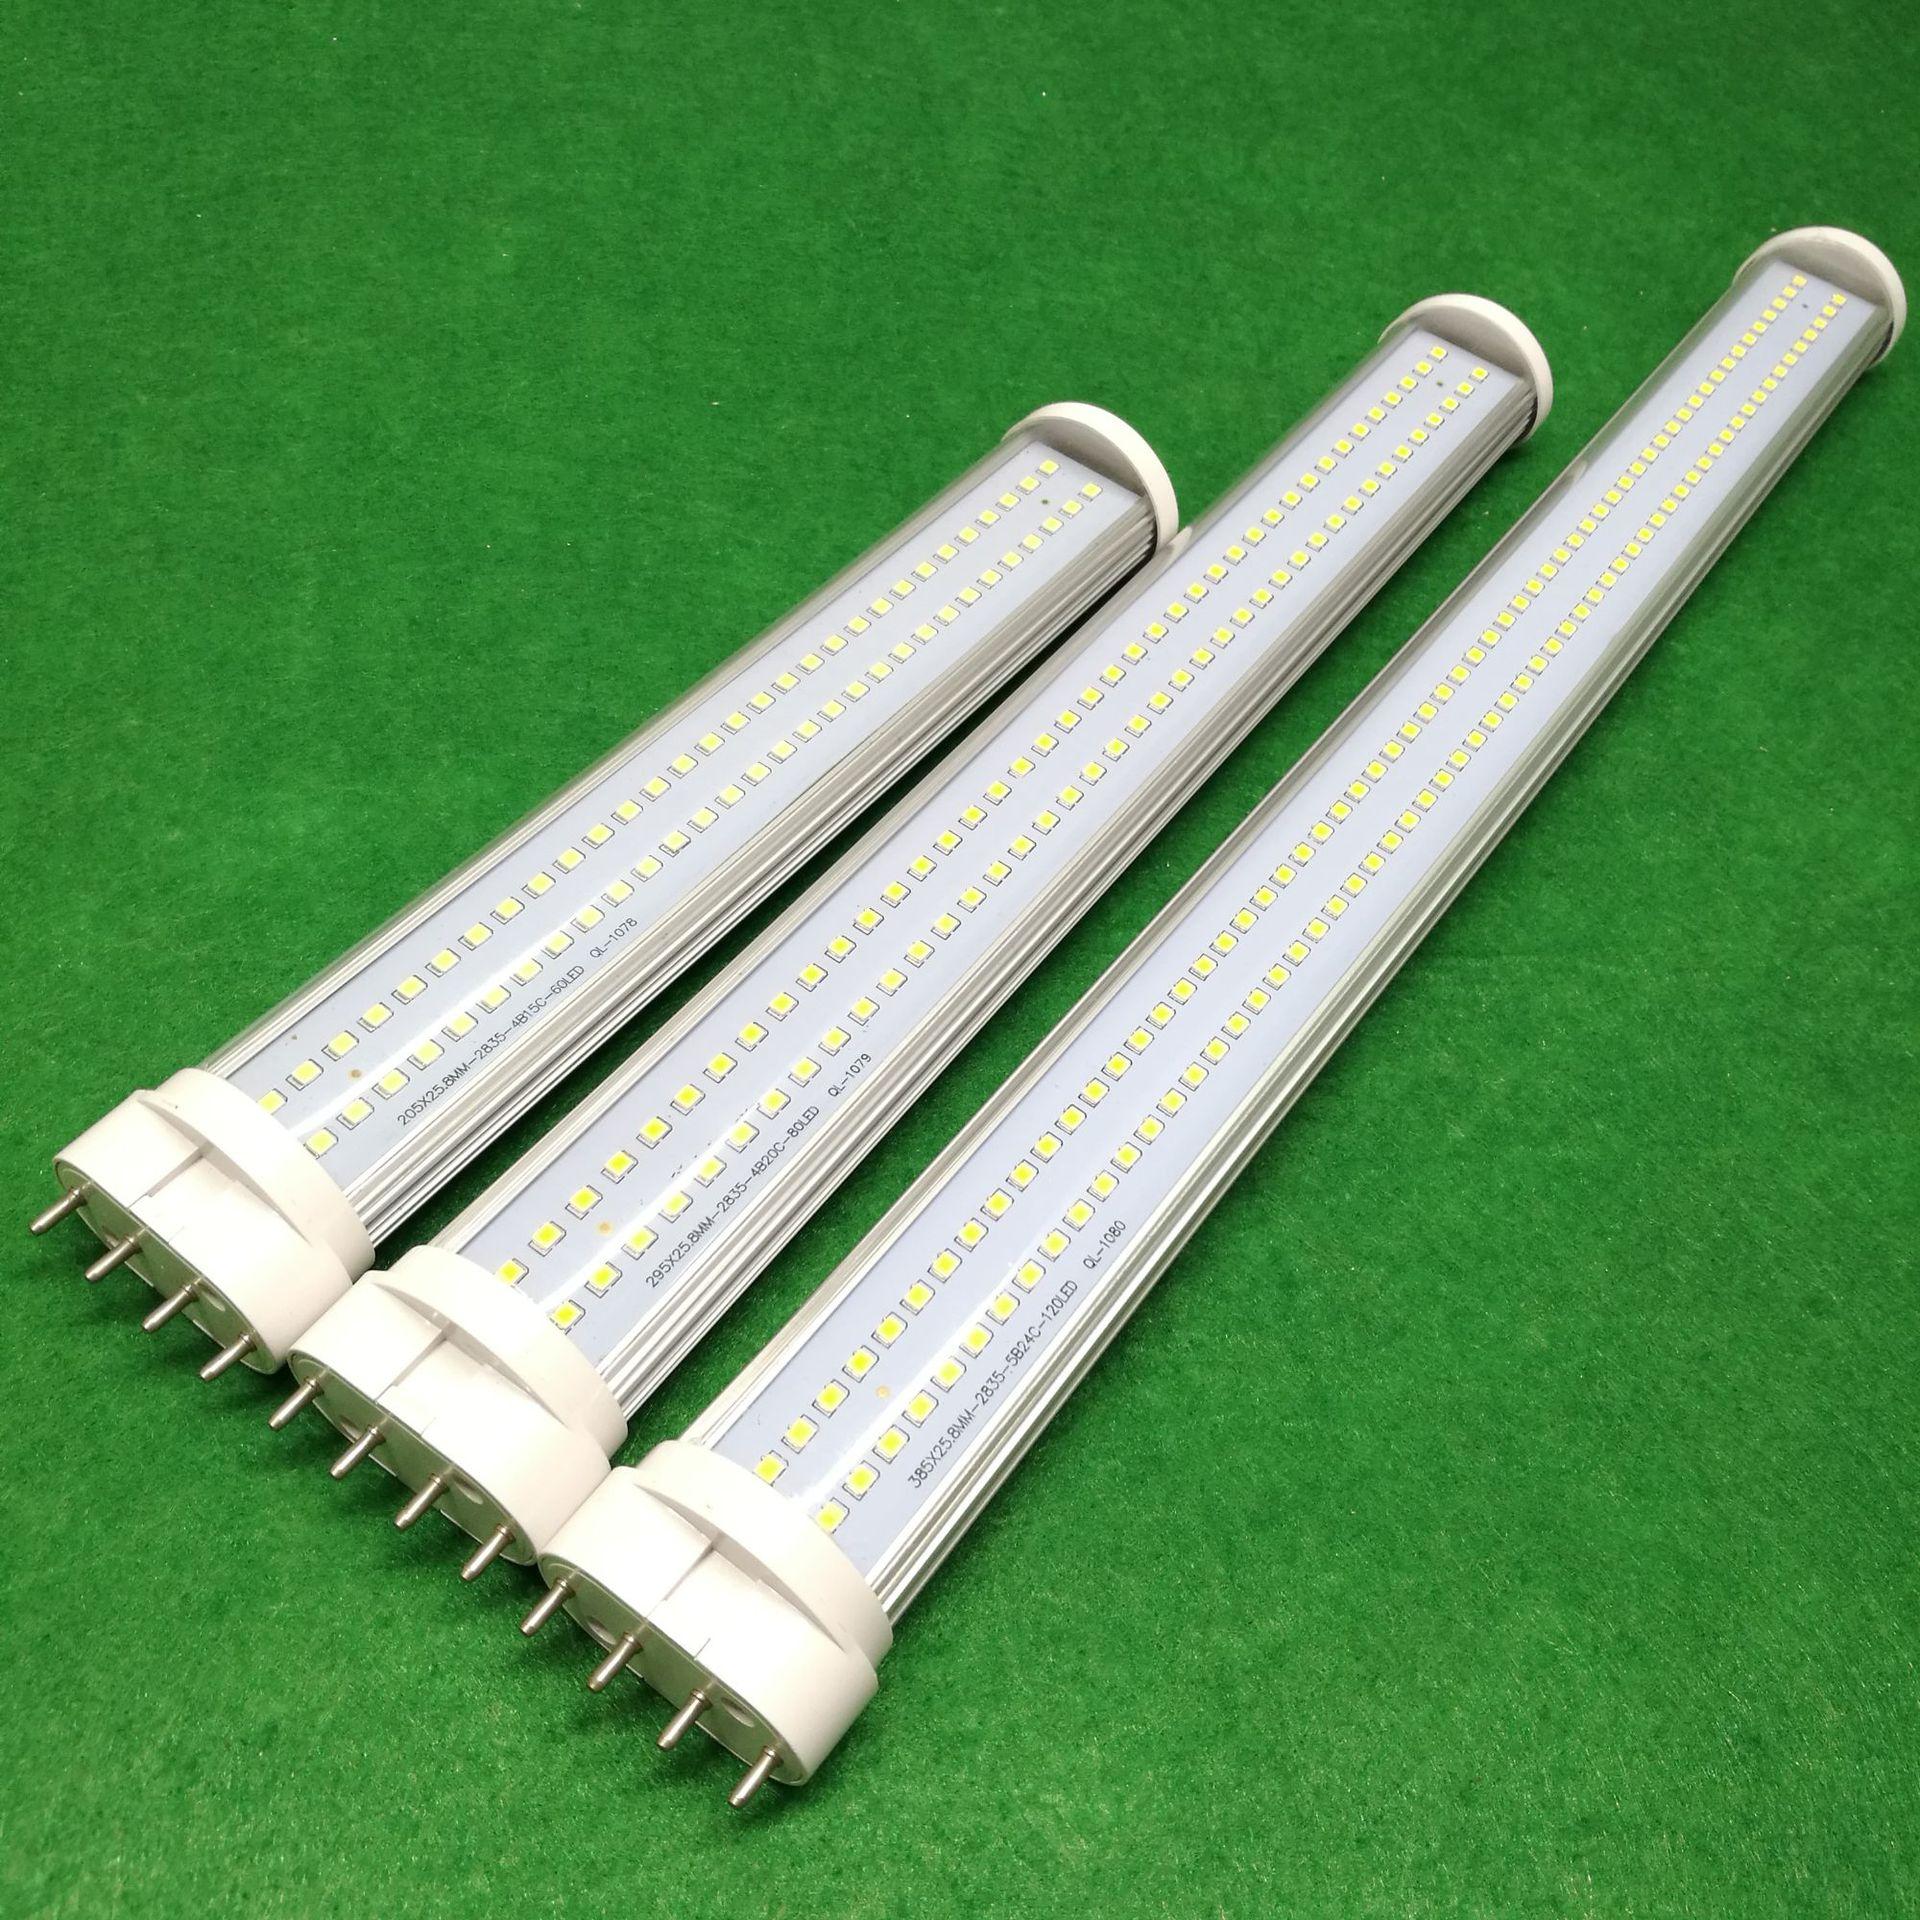 Bóng đèn cắm ngang Đèn cắm ngang 2G11 pin LED4 225mm10W thay thế ống H truyền thống